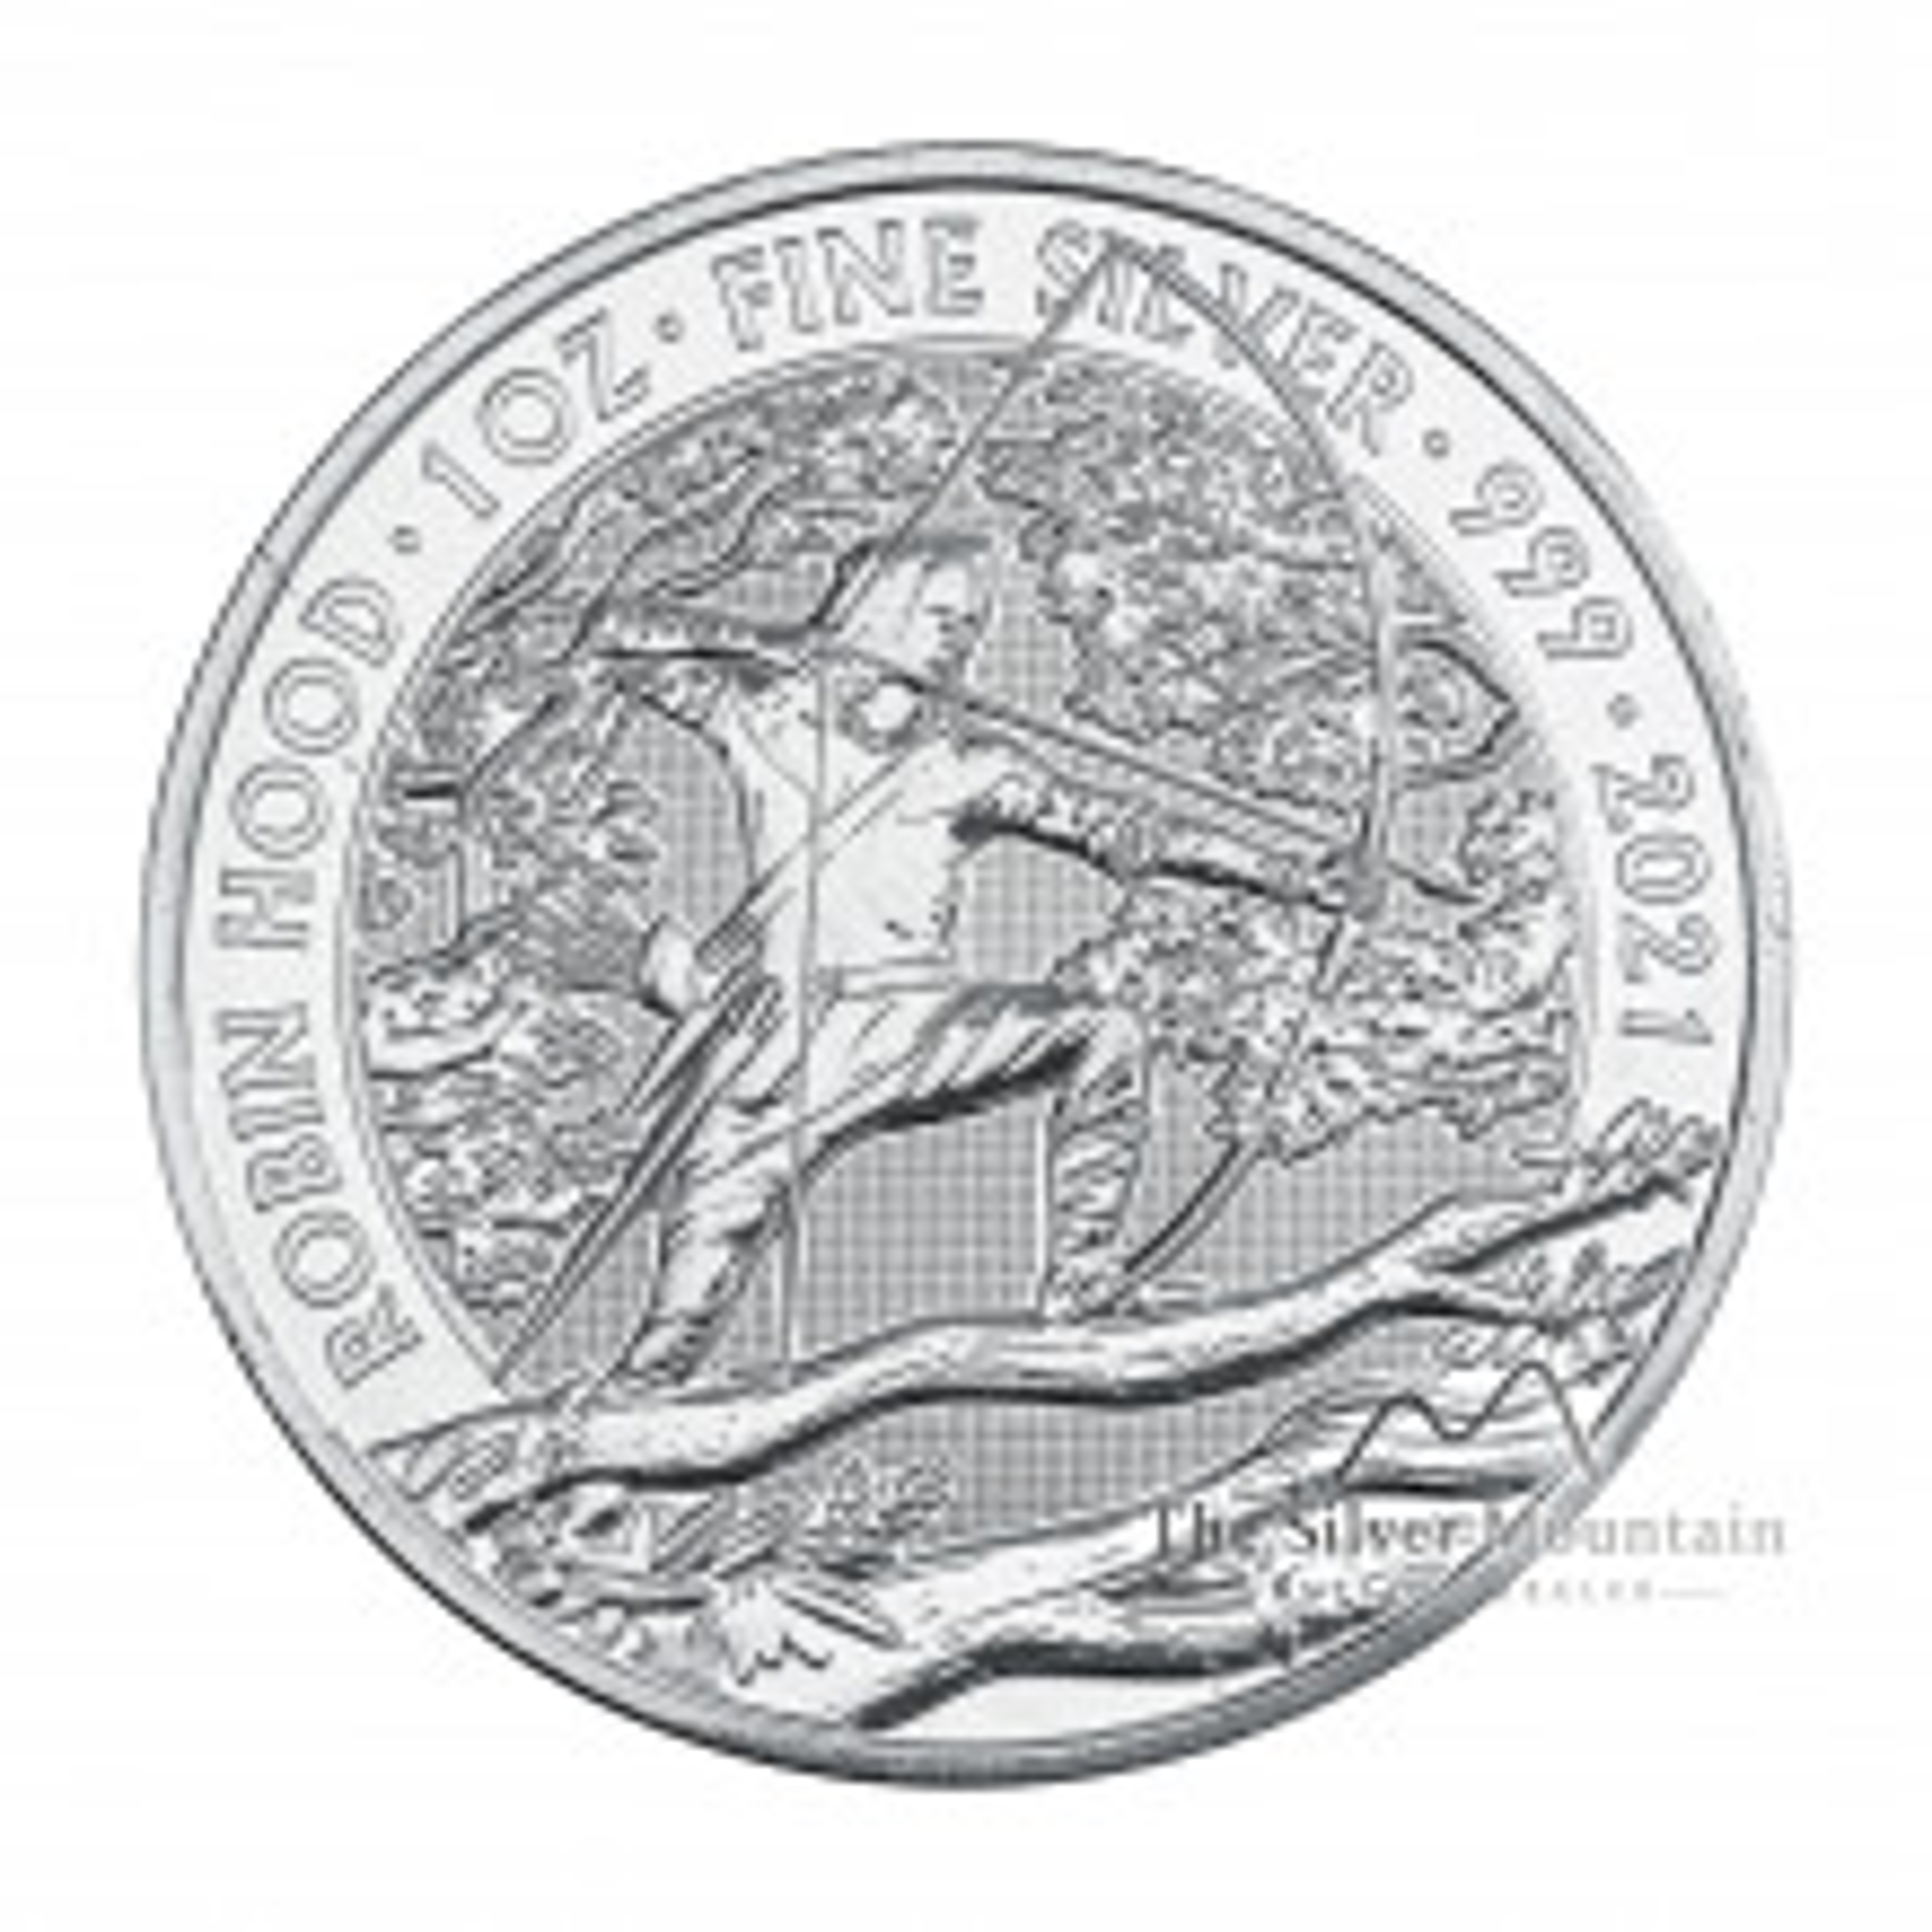 1 troy ounce silver coin Robin Hood 2021